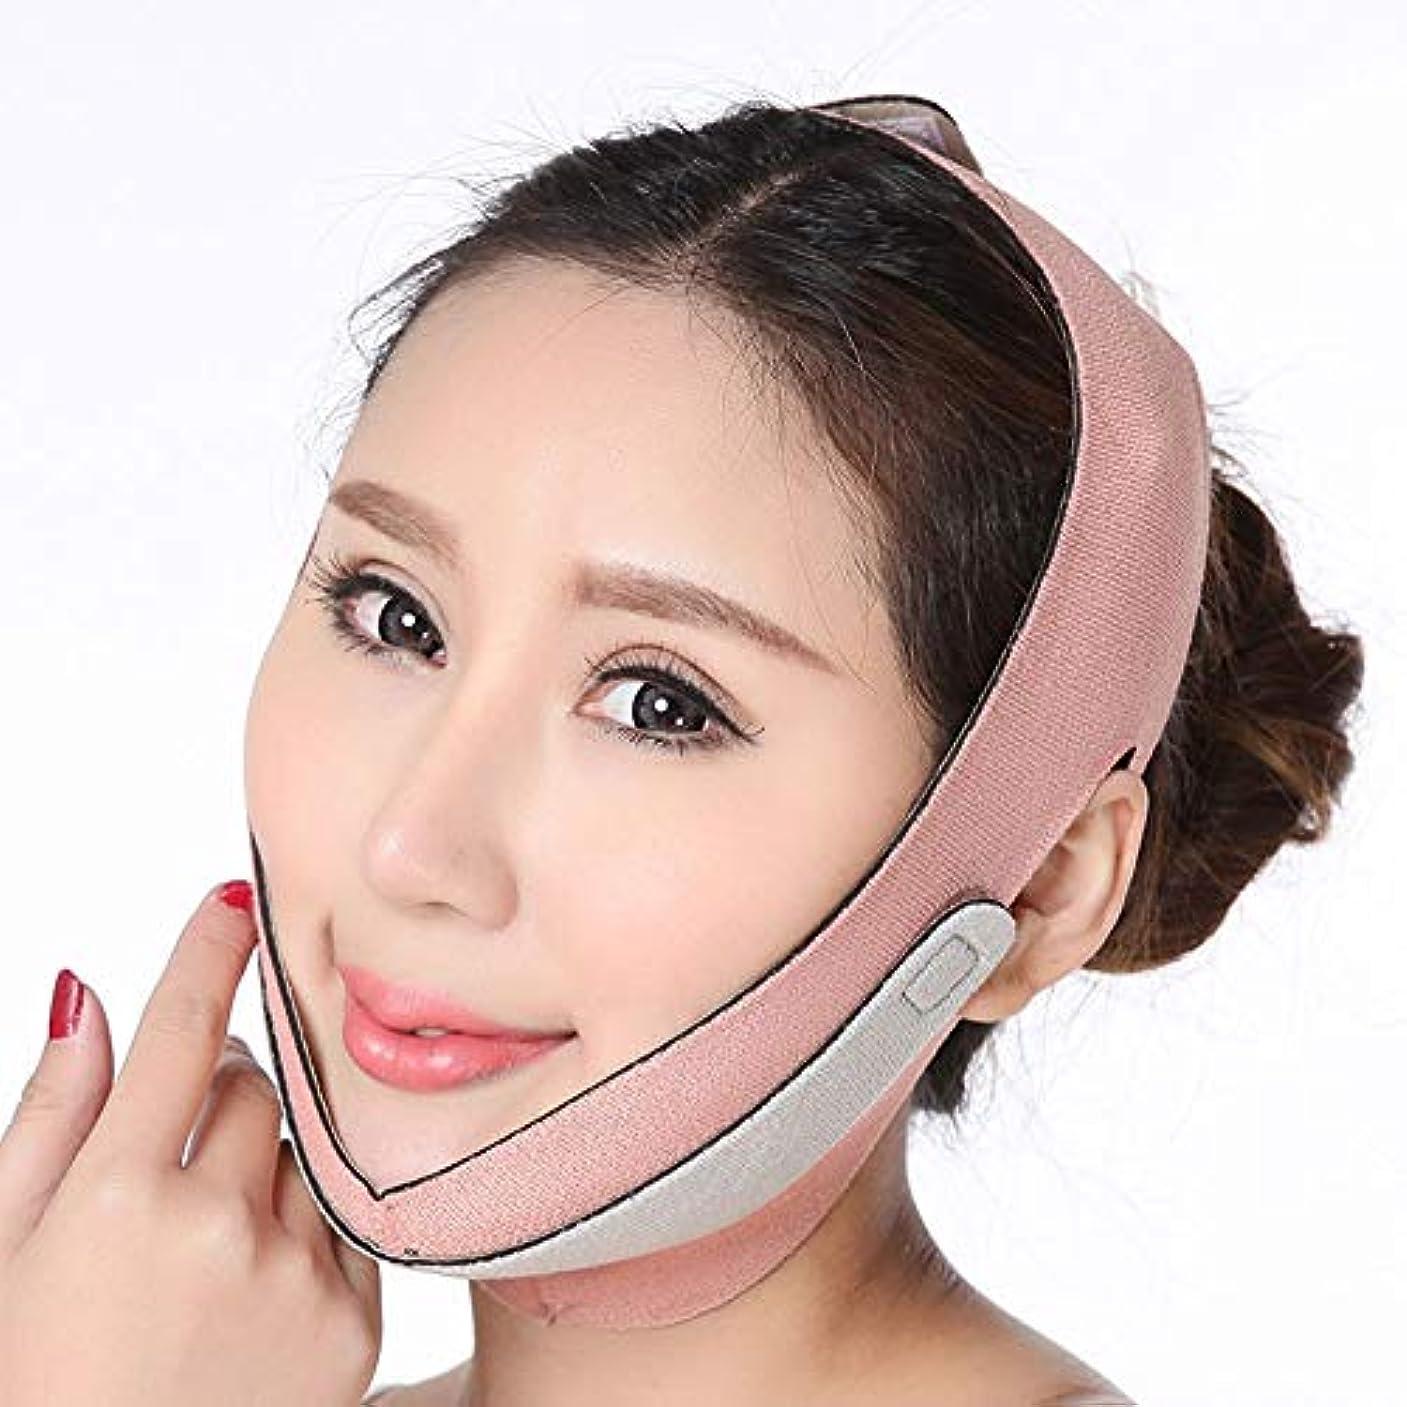 上に築きます革命的ただやるGYZ シンフェイス包帯シンフェイスマスクフェイスリフトアーティファクトレイズVフェイスシンフェイスフェイスリフティング美容マスク小フェイス包帯 Thin Face Belt (Color : A)